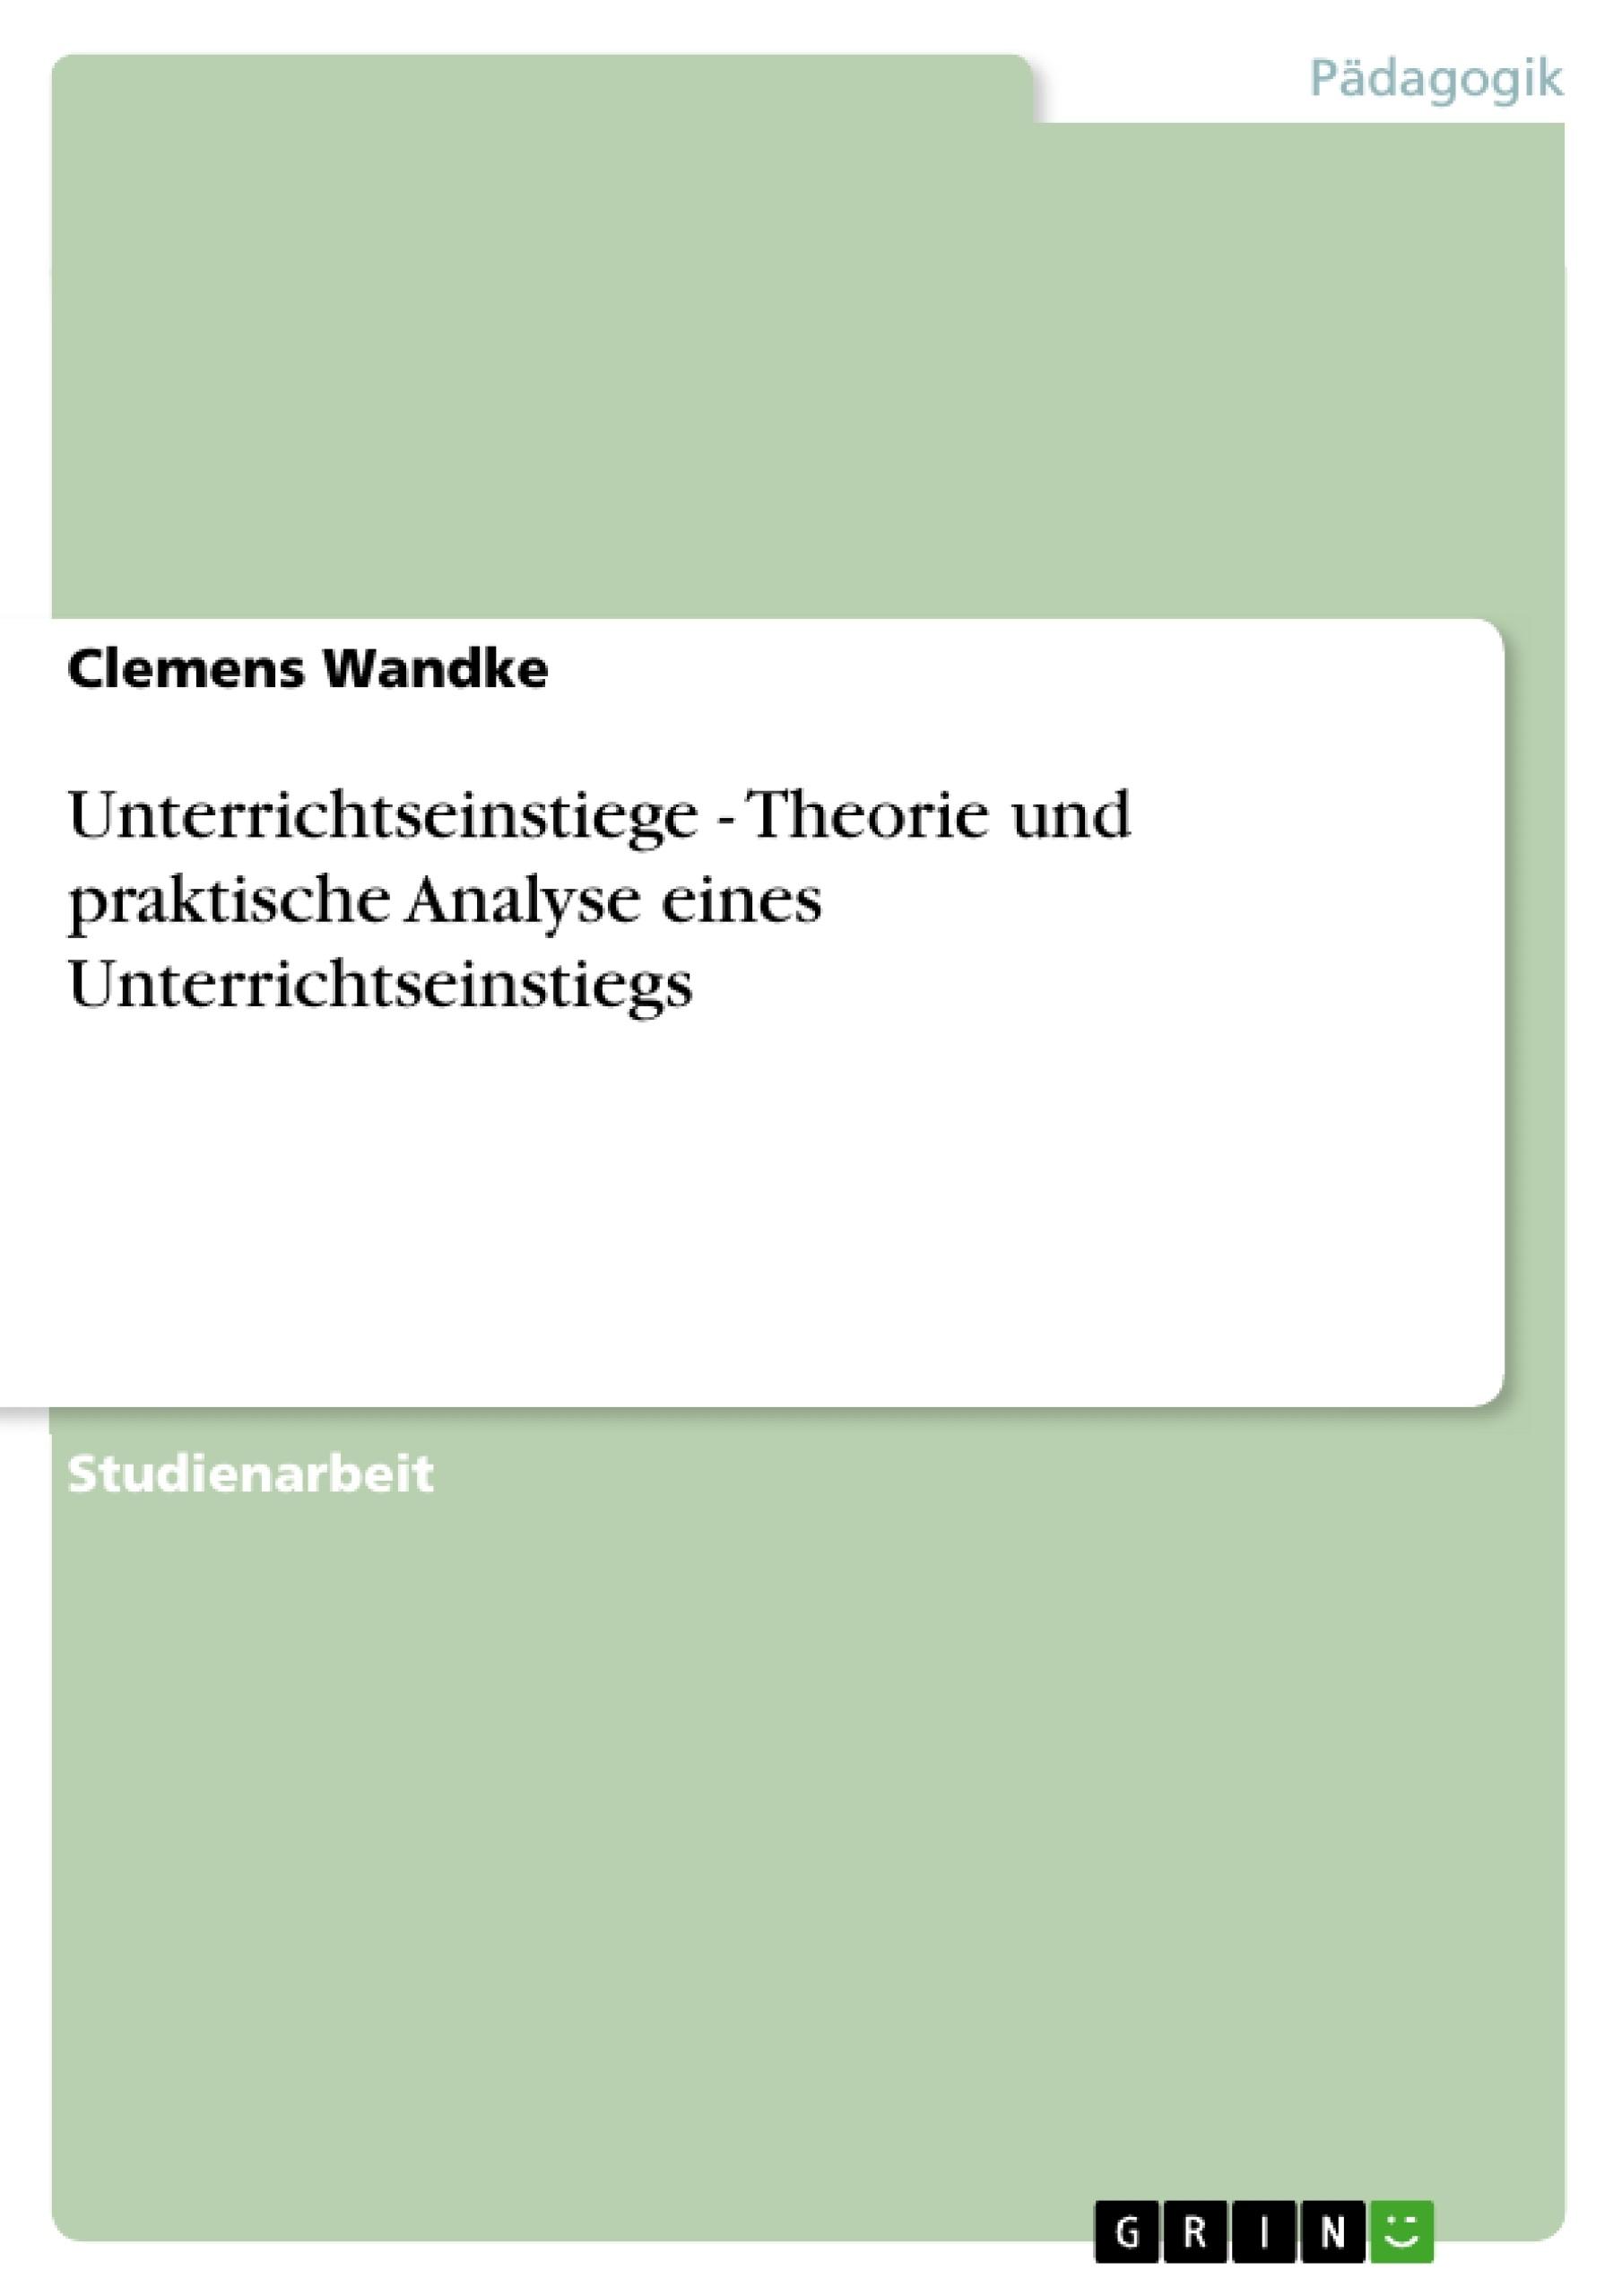 Titel: Unterrichtseinstiege - Theorie und praktische Analyse eines Unterrichtseinstiegs